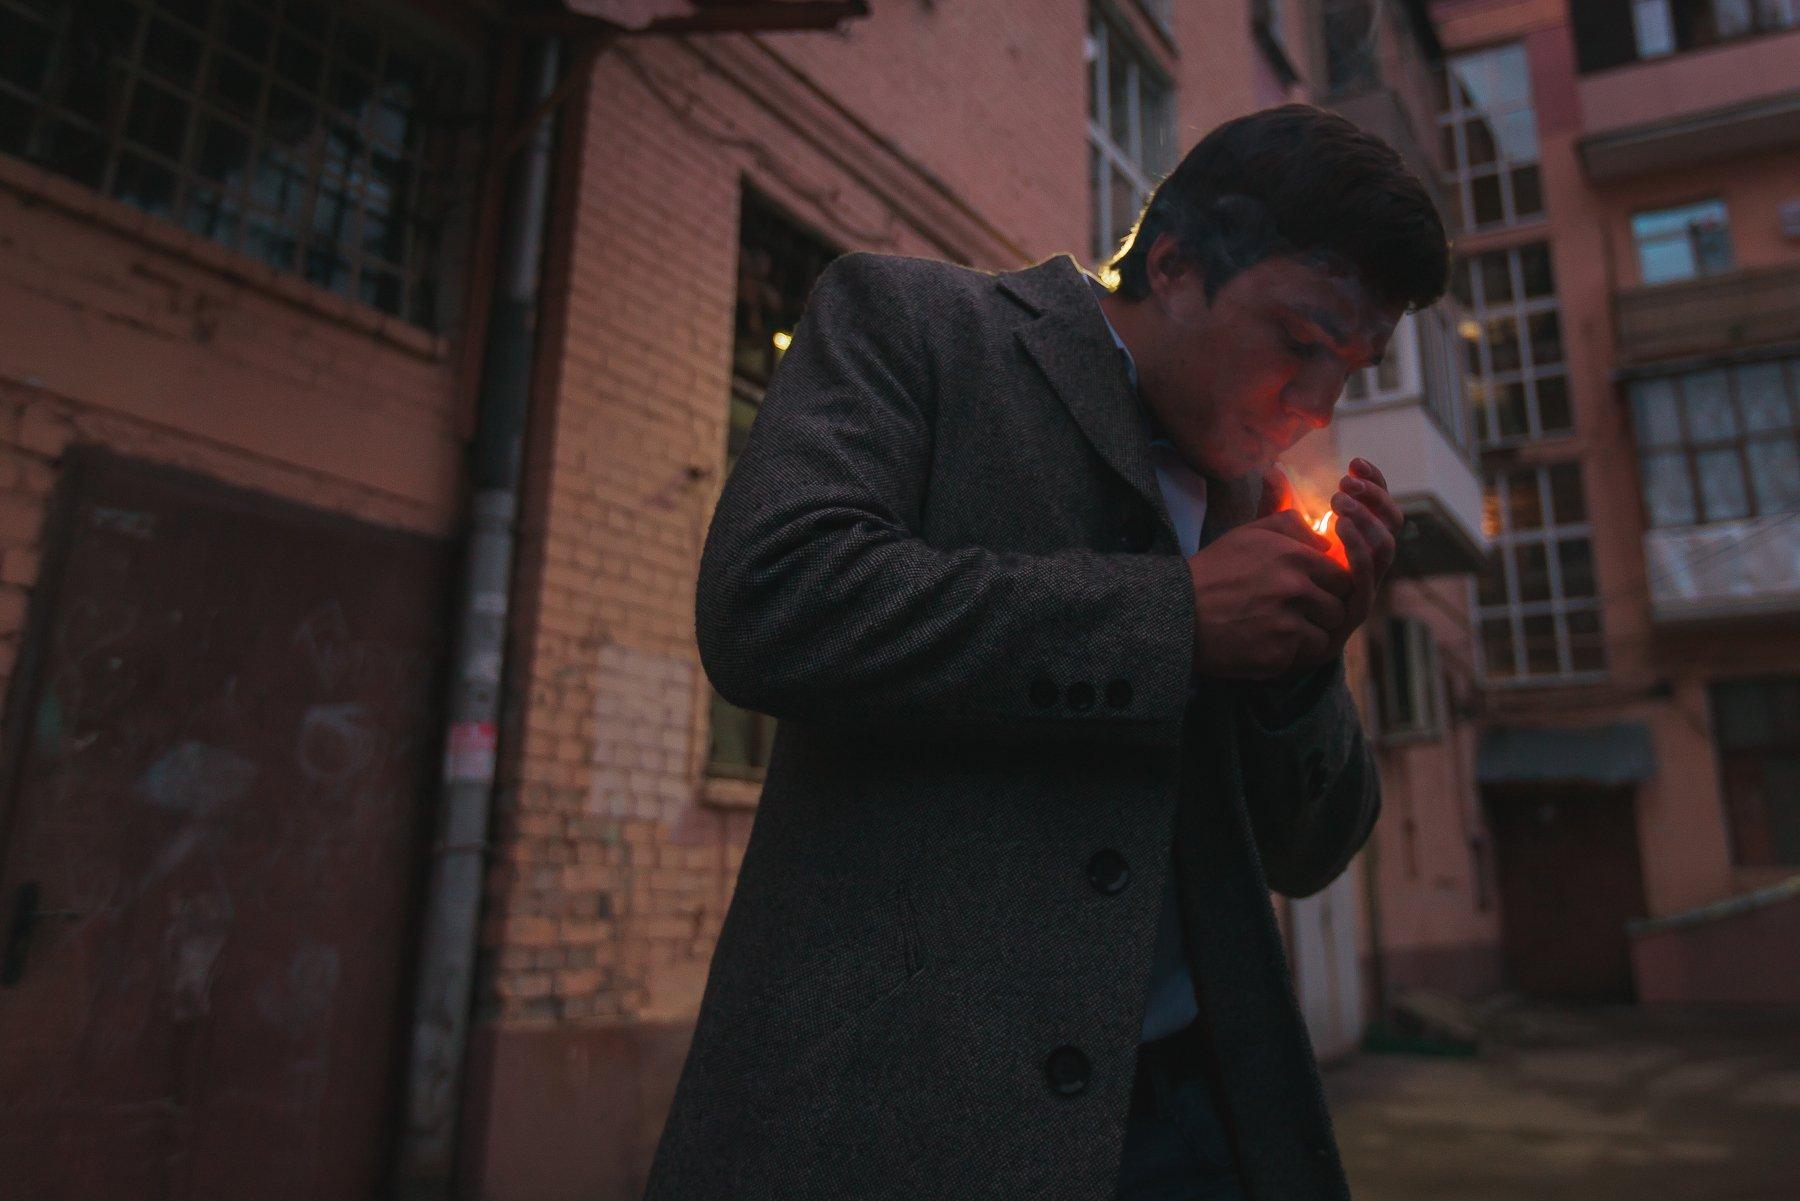 Улица, парень, курит, прикуривает, зажигает, поджигает, композиция, свет, пальто, подъезды, Иванов Юрий